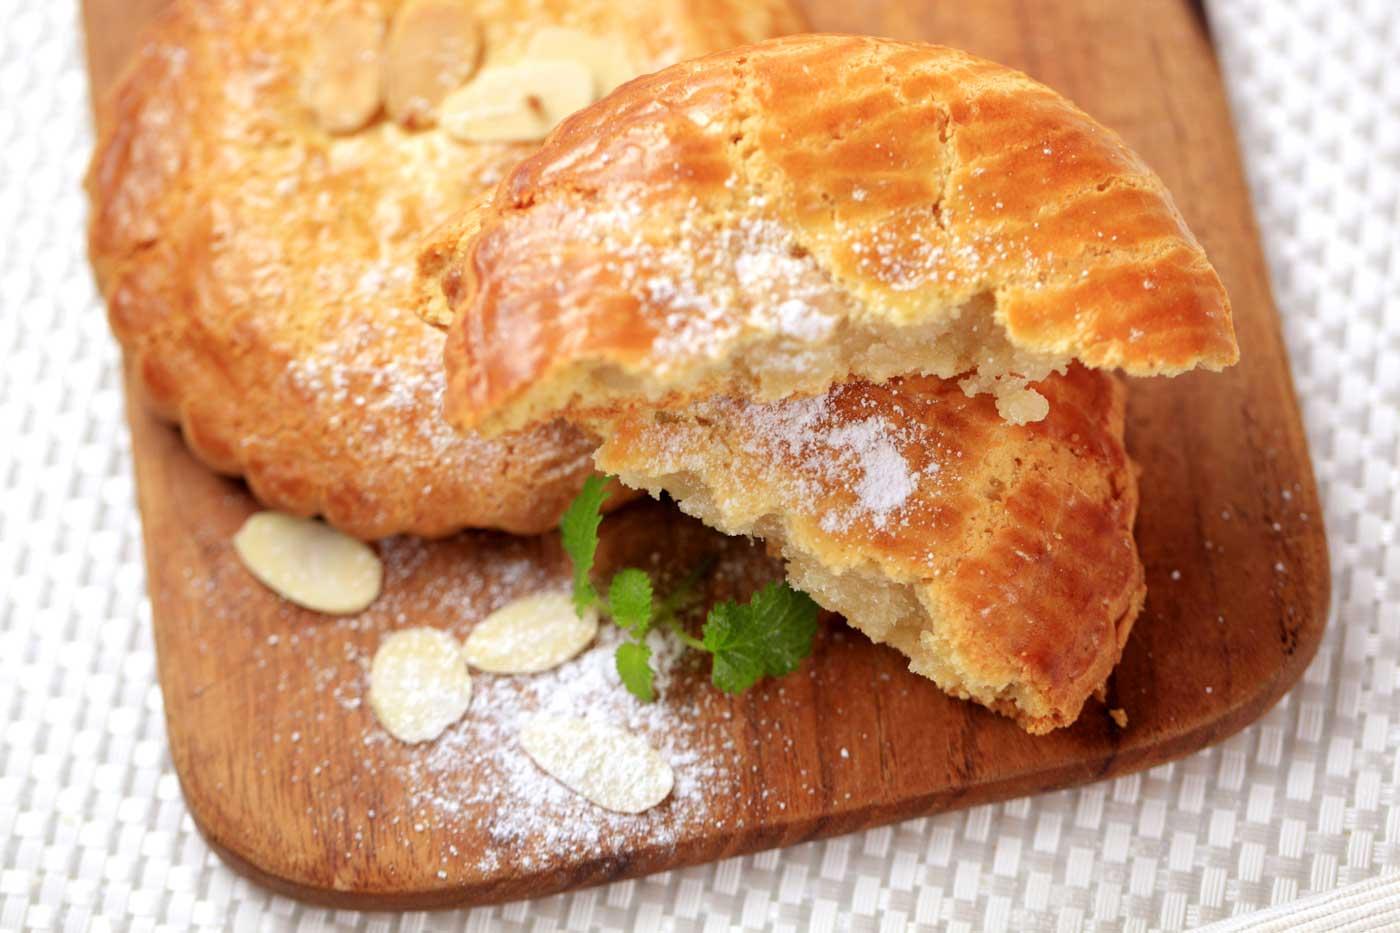 ambachtelijke gevulde koeken, 4 stuks